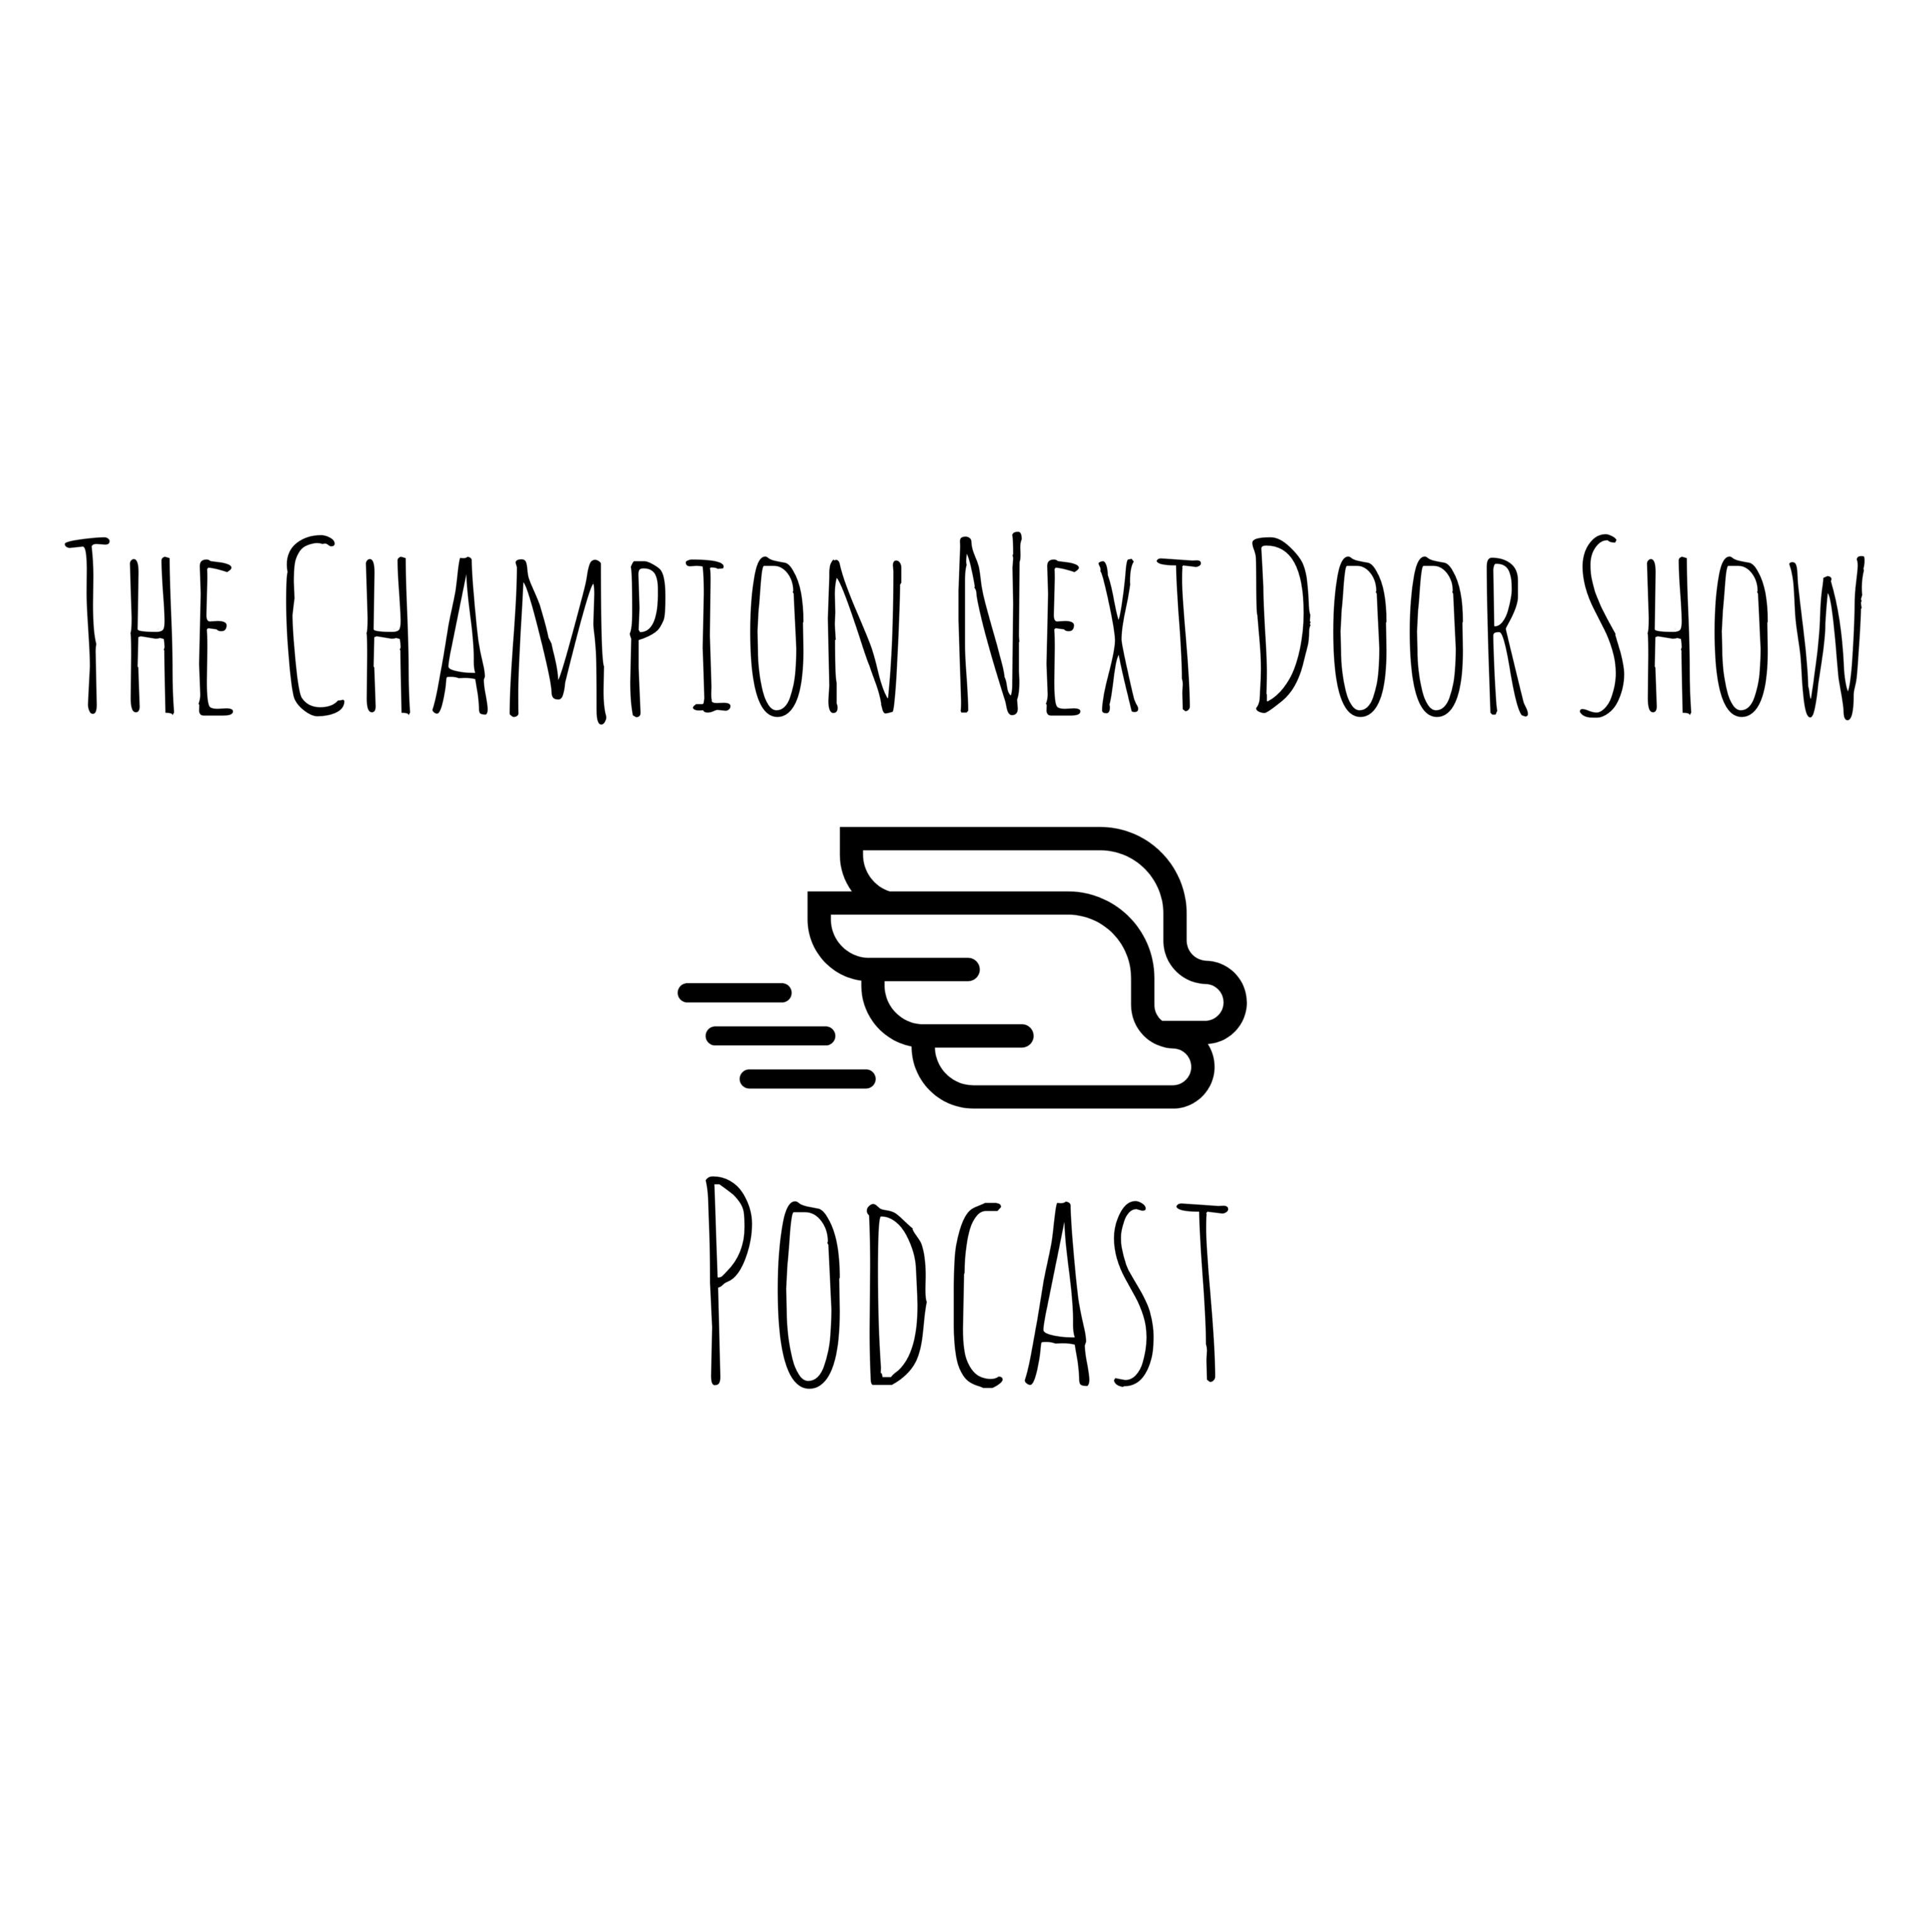 The Champion Next Door Show show art